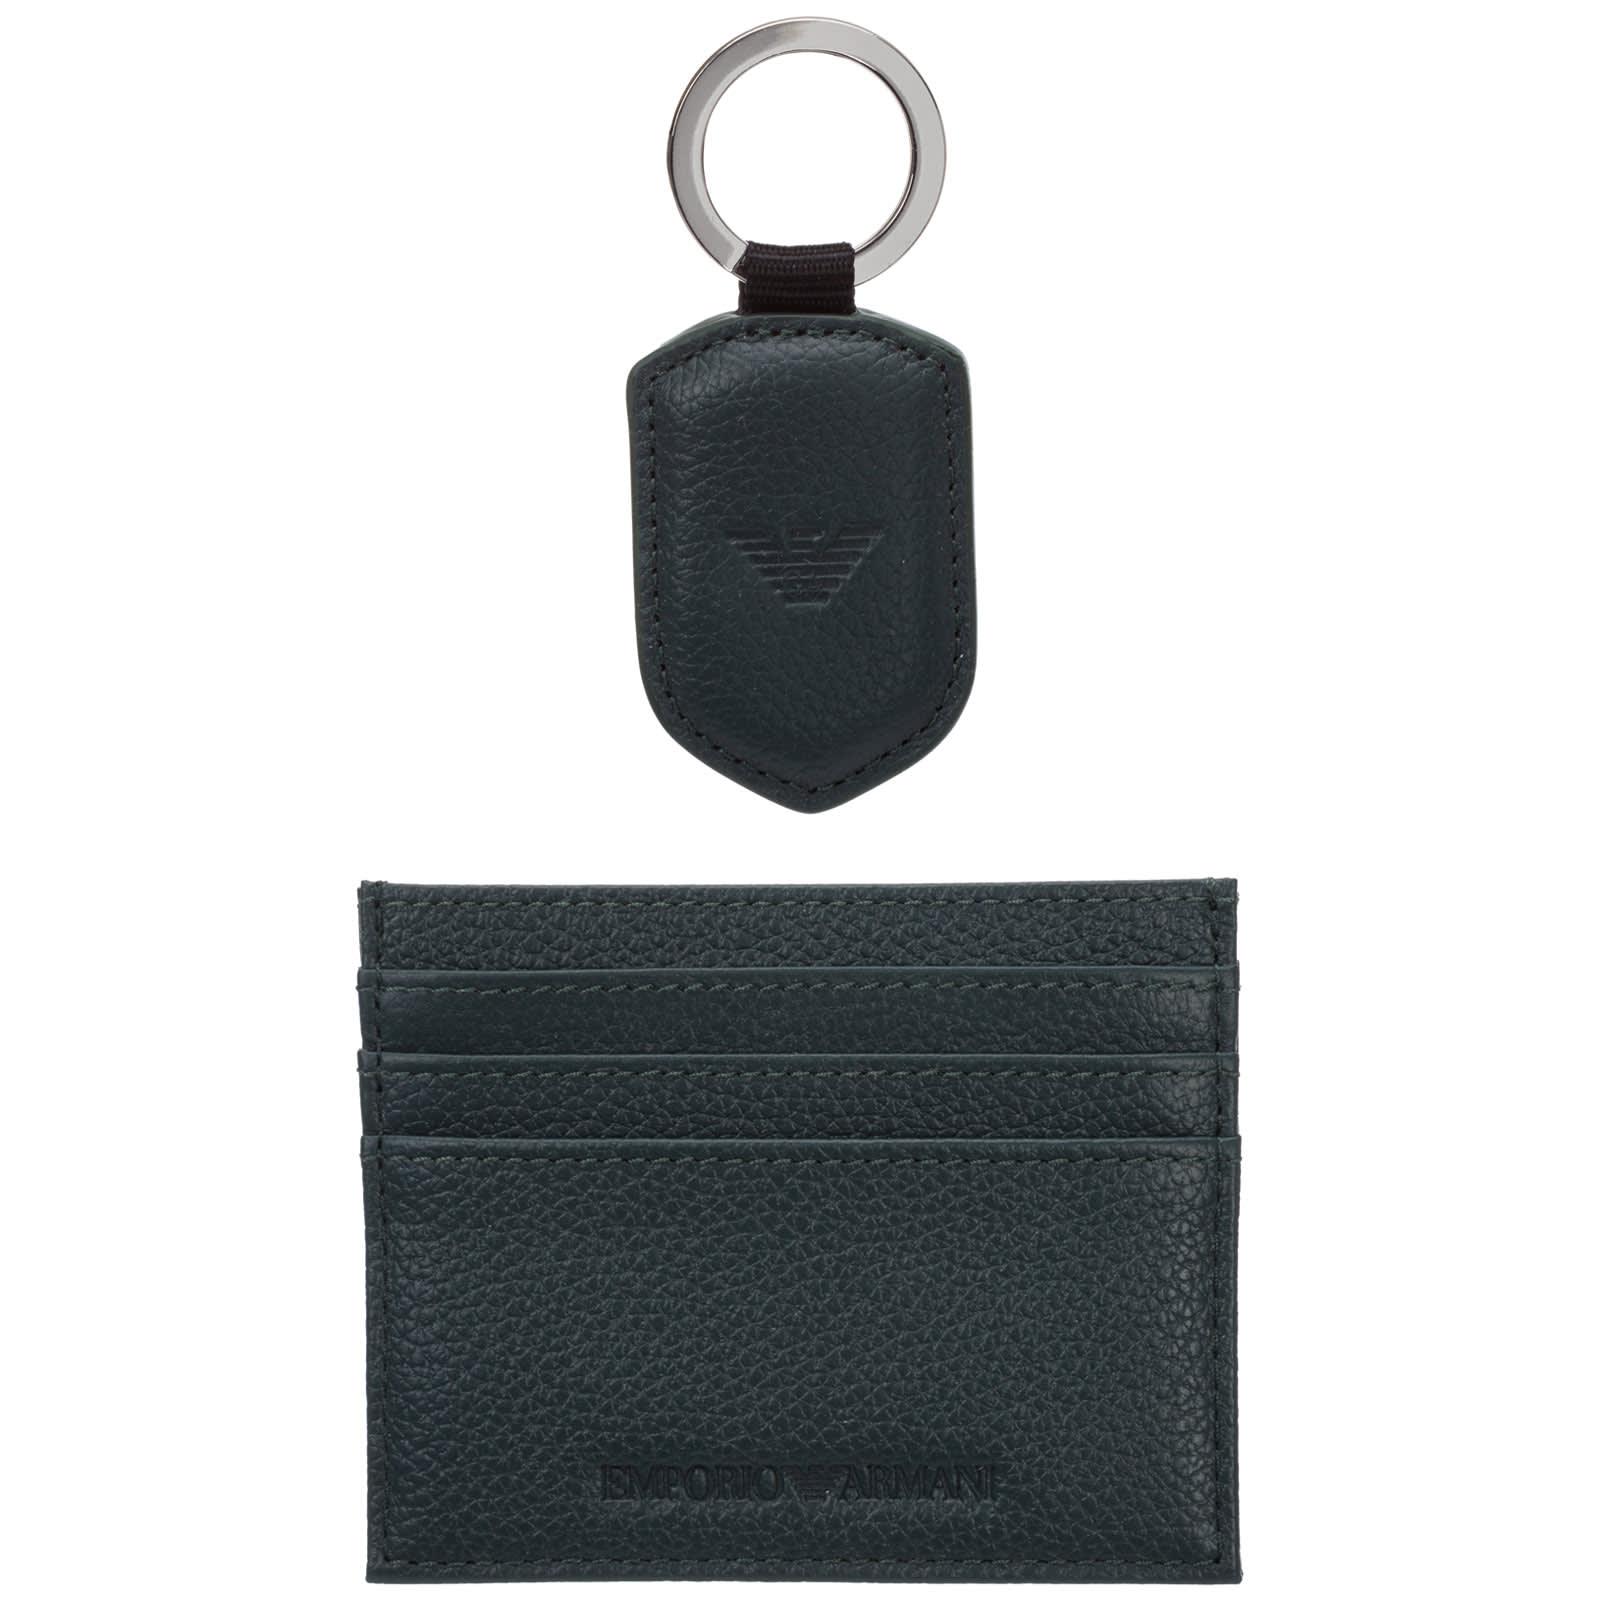 Emporio Armani Vltn Credit Card Holder